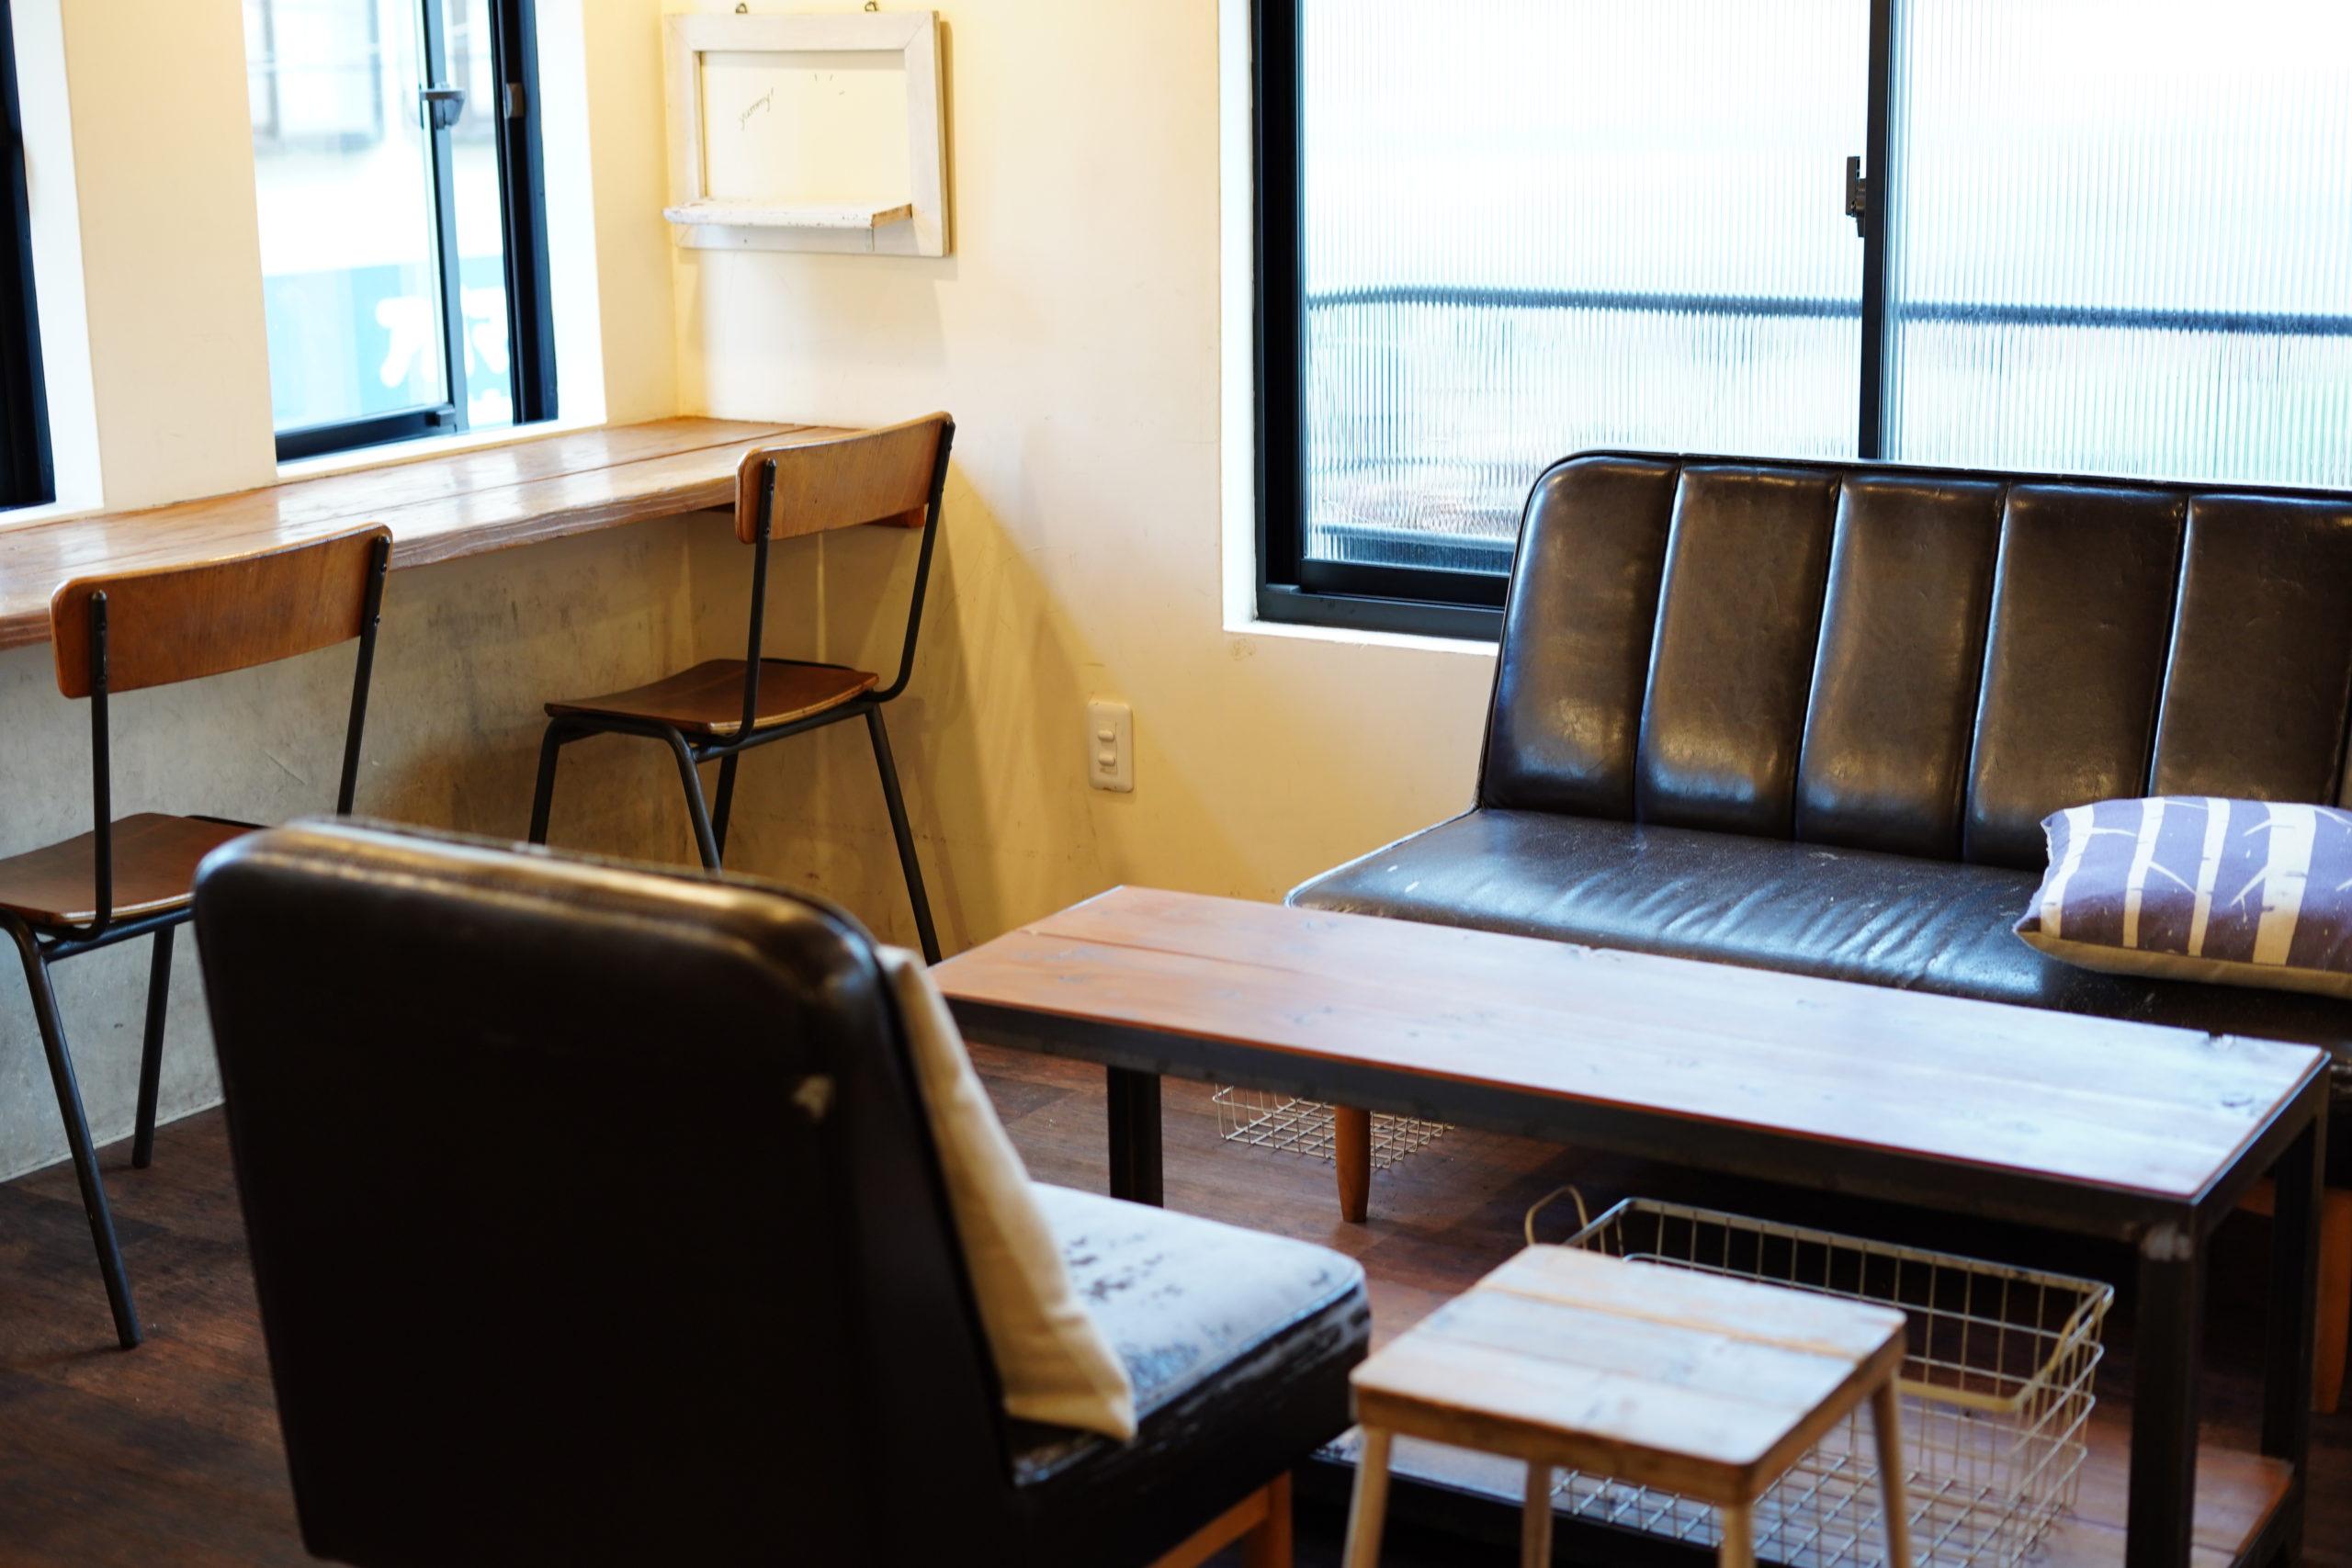 パンとカフェの店BRUNOさんのカフェスペース(ソファー)